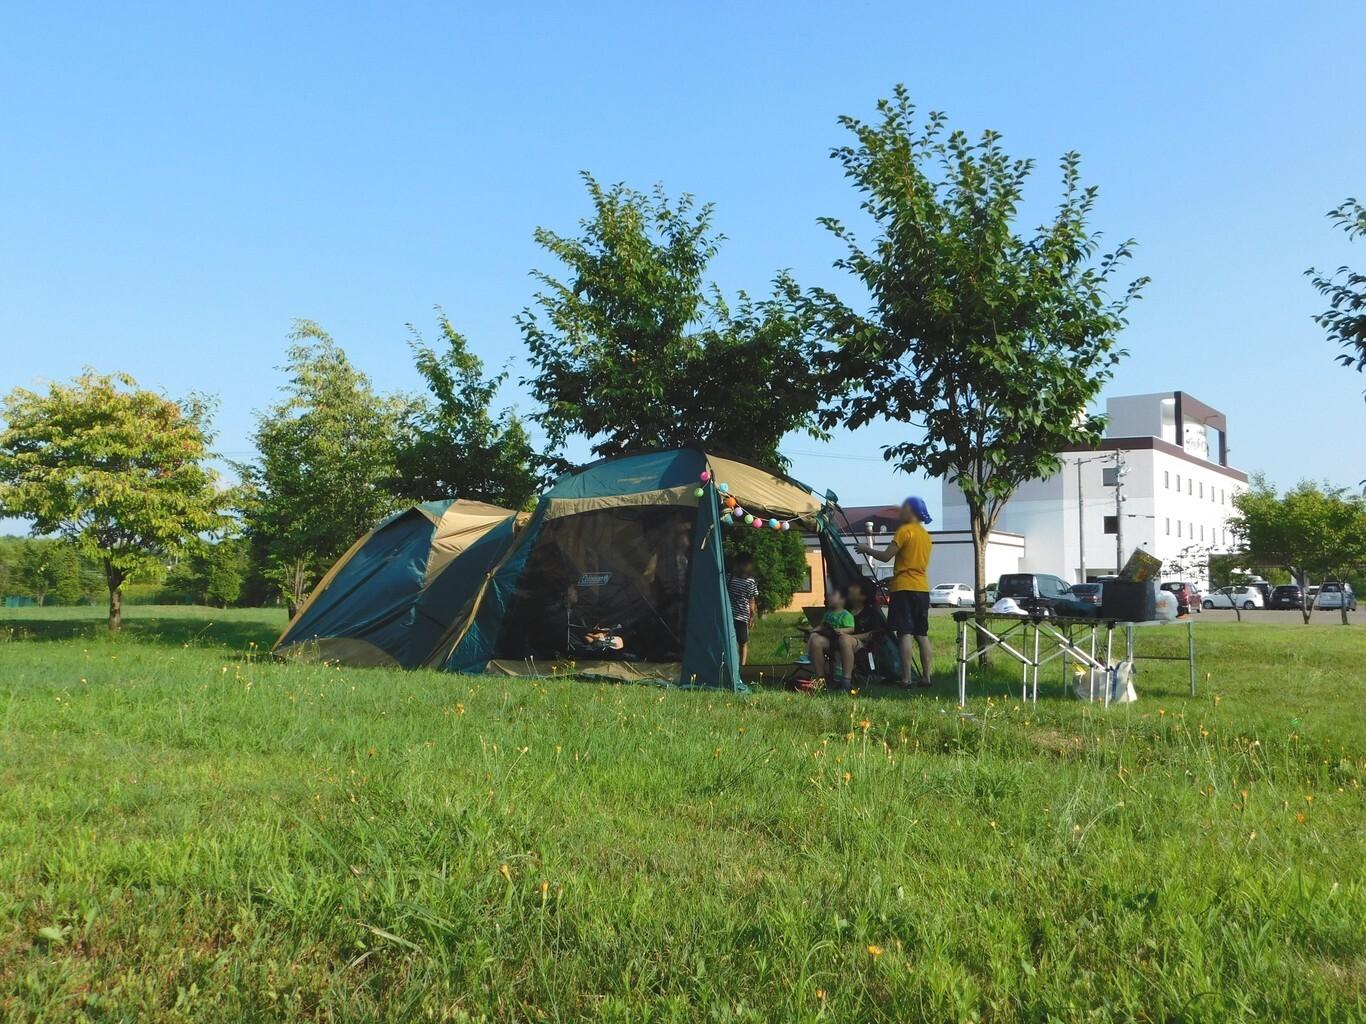 栗山さくらキャンプ場 の公式写真c10727